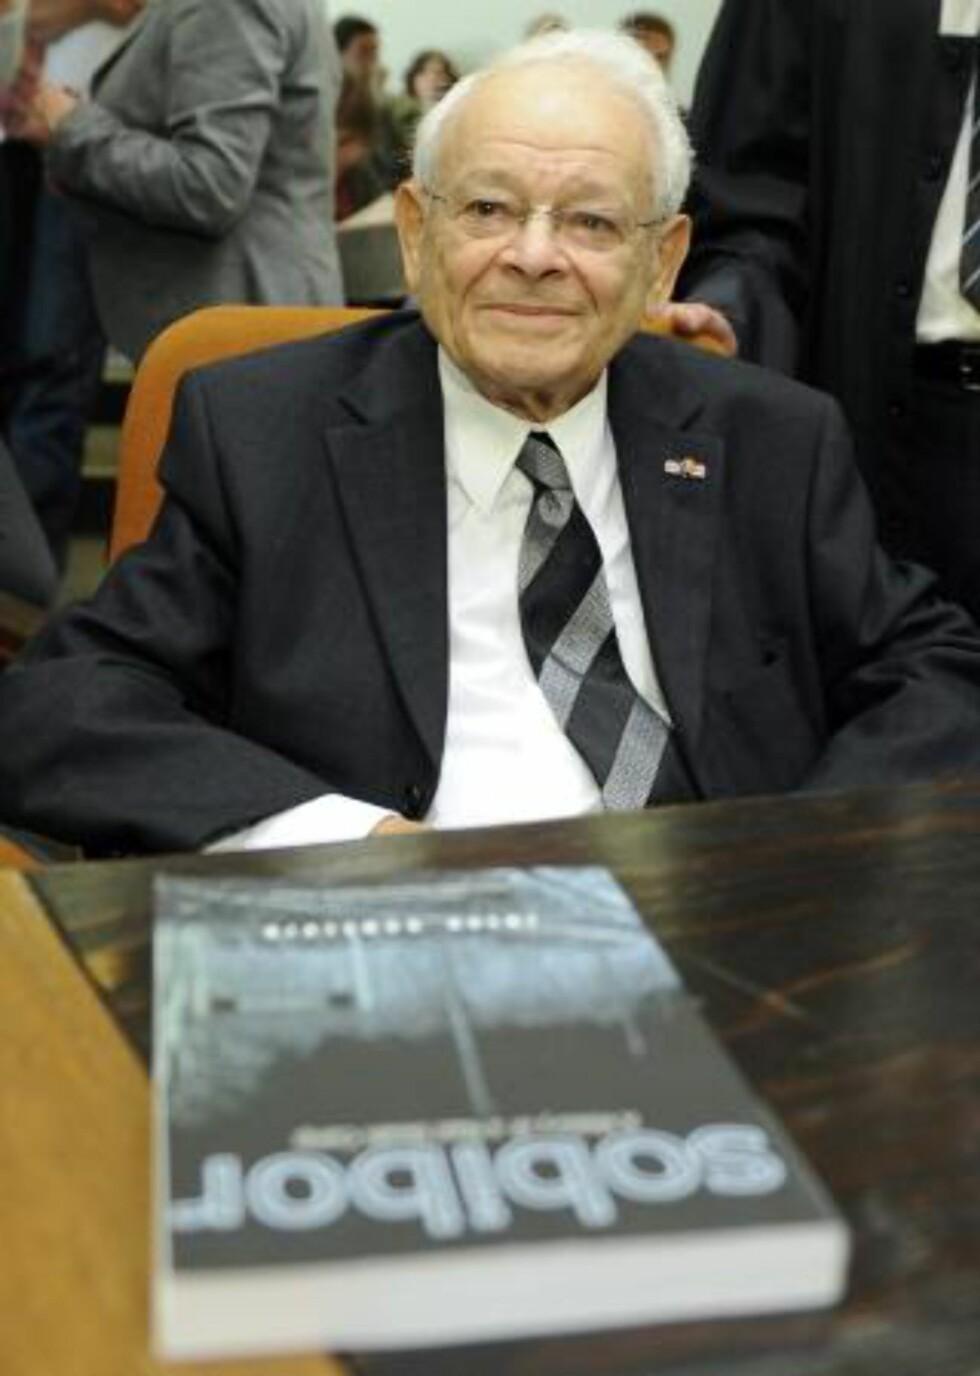 MISTET FAMILIEN: Jules Schelvis (90) mistet familien sin under holocaust, men overlevde selv nazistenes utryddelsesleirer. Han er en av dem som brakte saken mot Demjanjuk inn for tysk rett, og sitter her i rettssalen i dag, med sin bok «Sobibor». Foto: TOBIAS HASE/EPA/SCANPIX